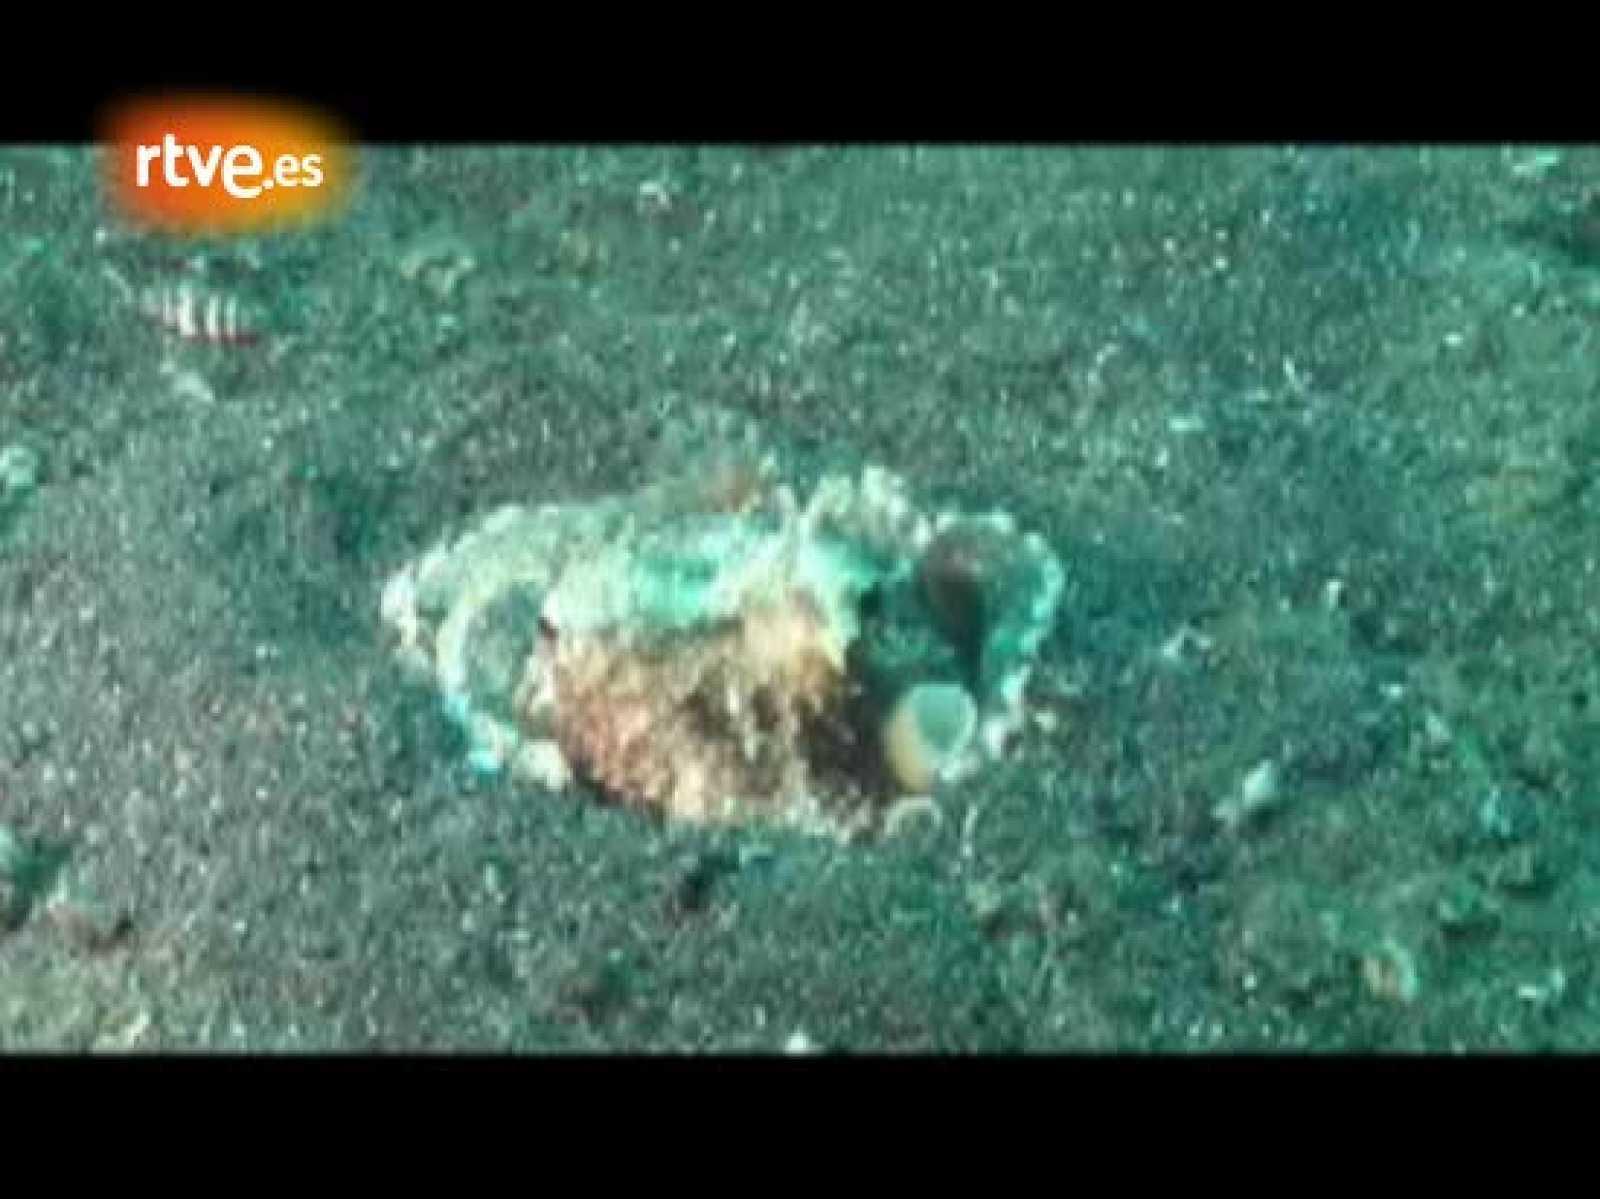 """El biólogo Julian Finn estaba buceando como un día más por la aguas de Sulawesi, en Indonesia, cuando sin esperarlo vio algo que le provocó una carcajada. No pudo evitar que las gafas de buceo se le llenaran de agua y tardó un rato en recomponerse. """""""